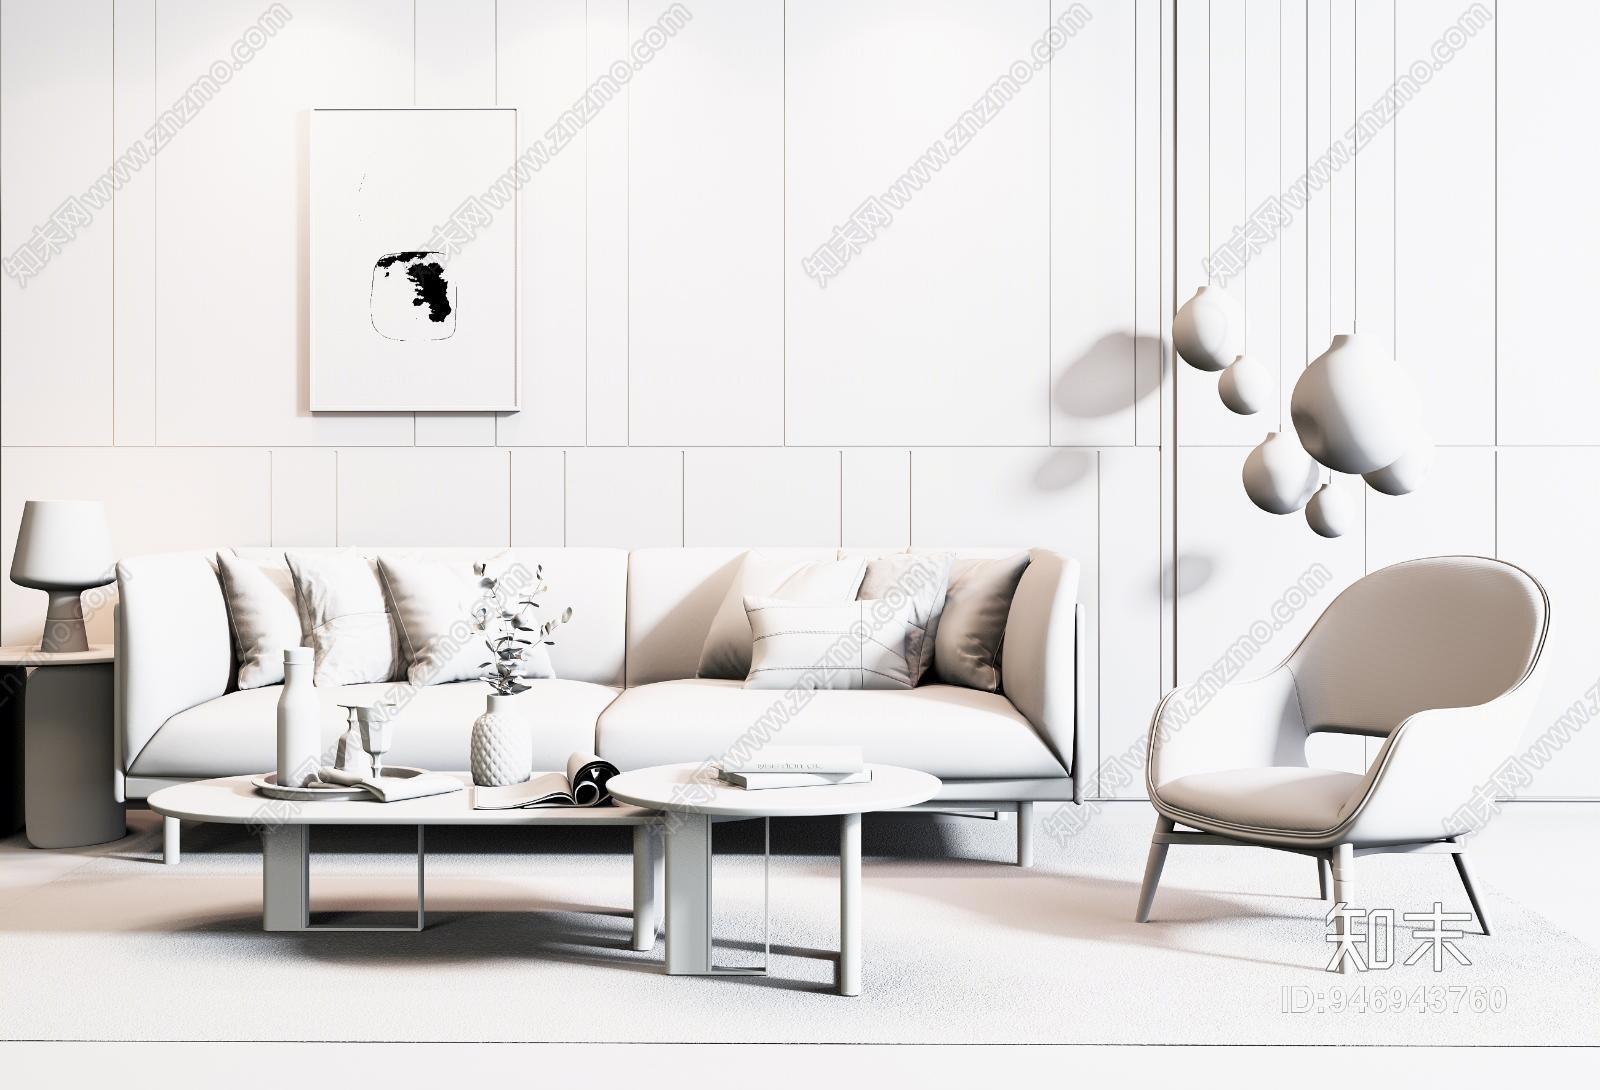 现代双人沙发3D模型下载【ID:946943760】